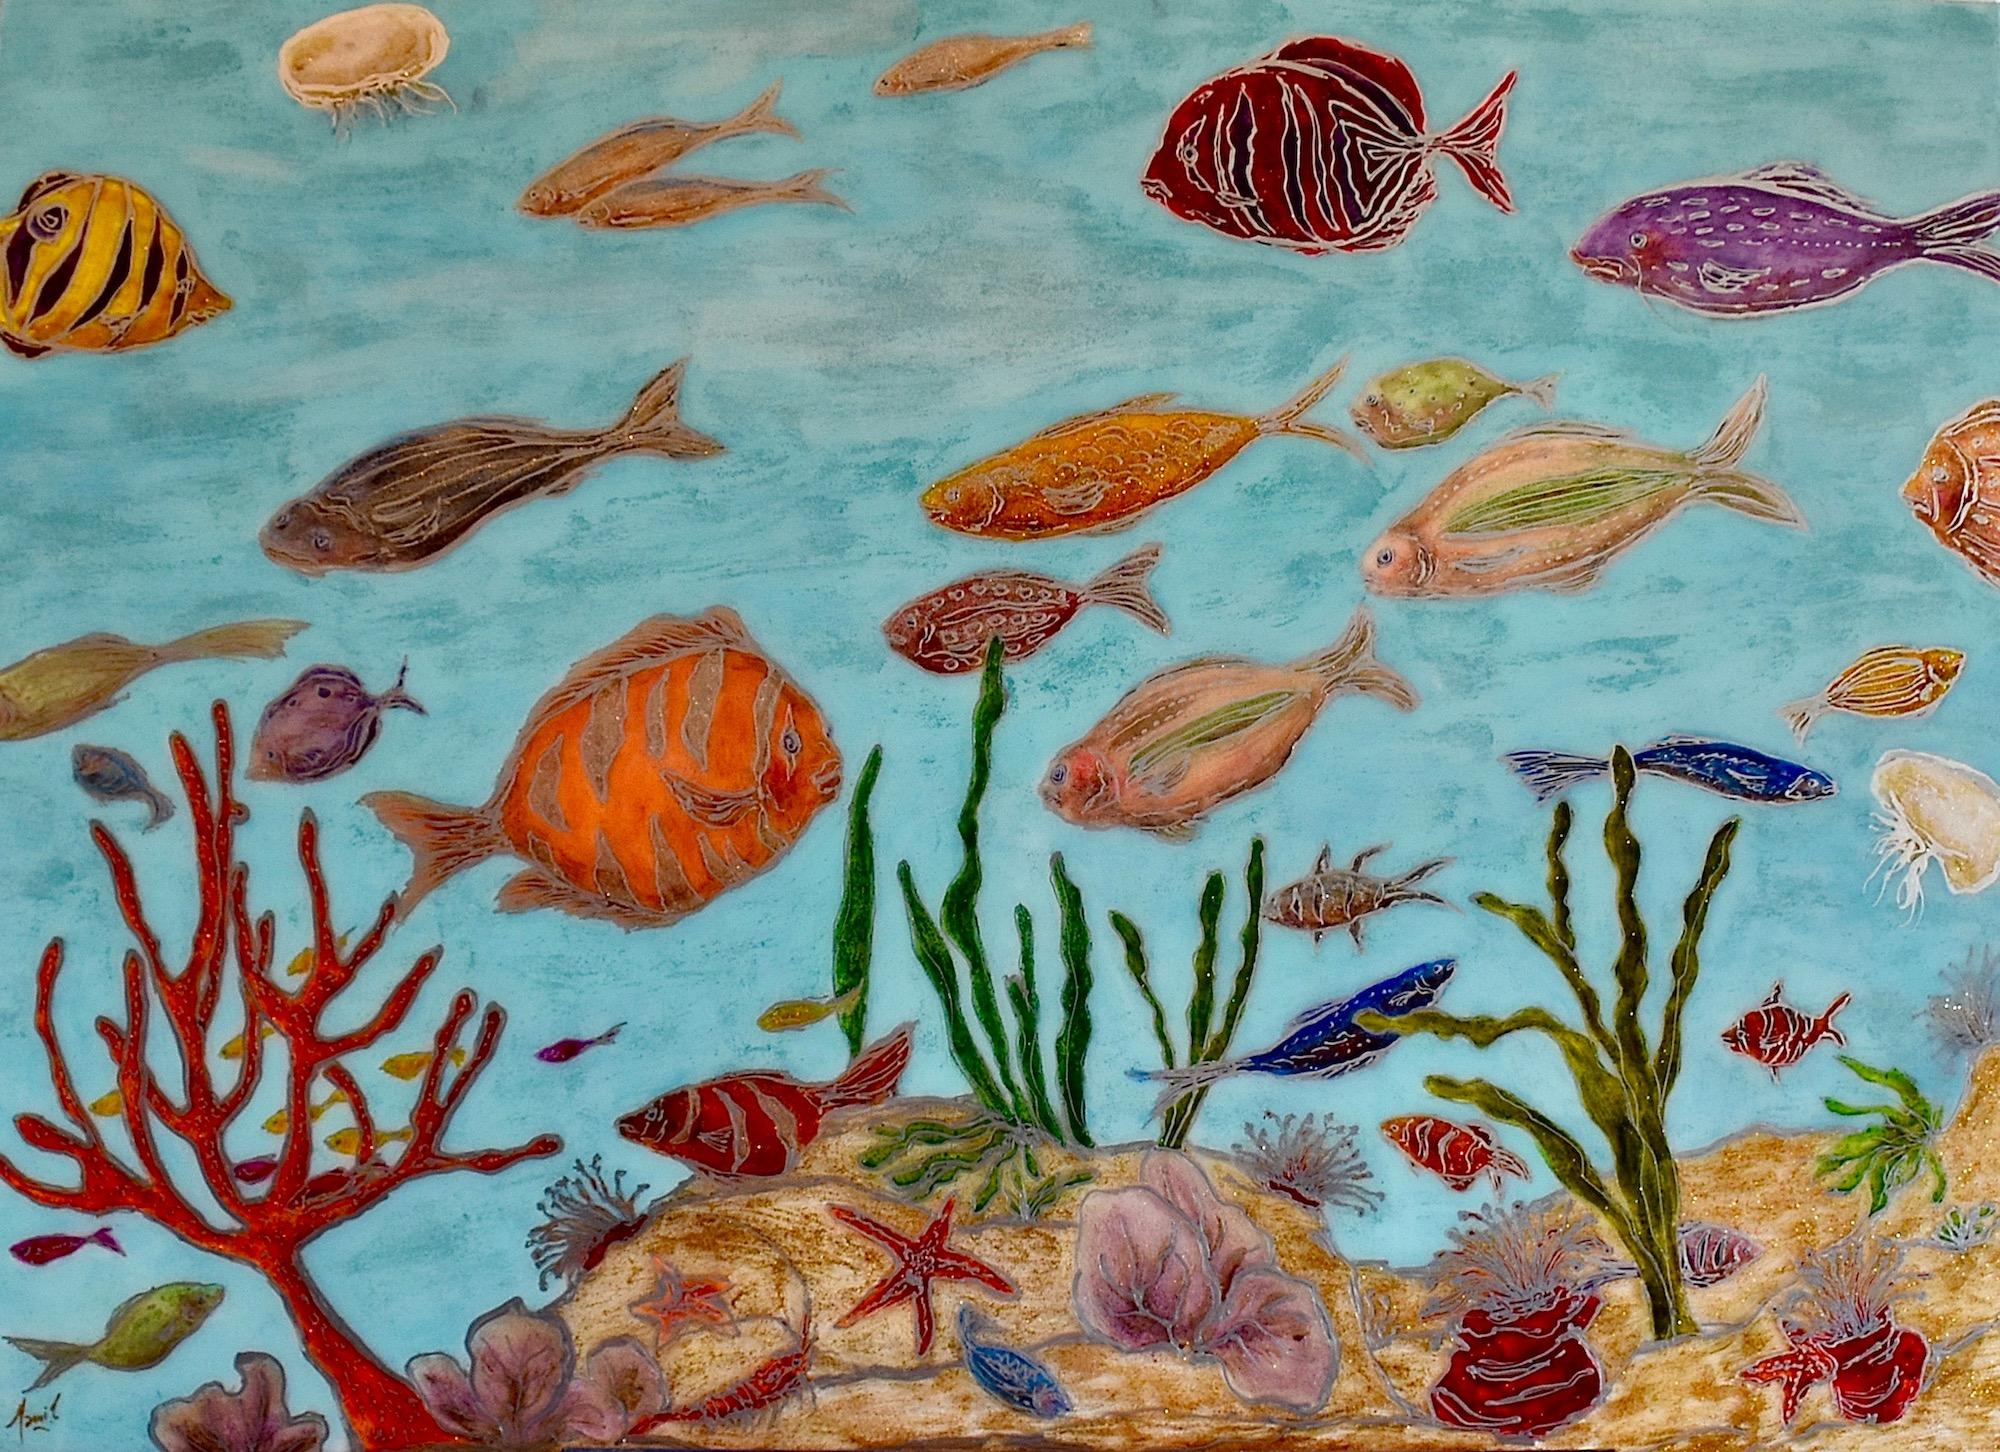 MAMI /  Images et Poésie, Aquarium Society  / 40 P (116 X 73 cm)